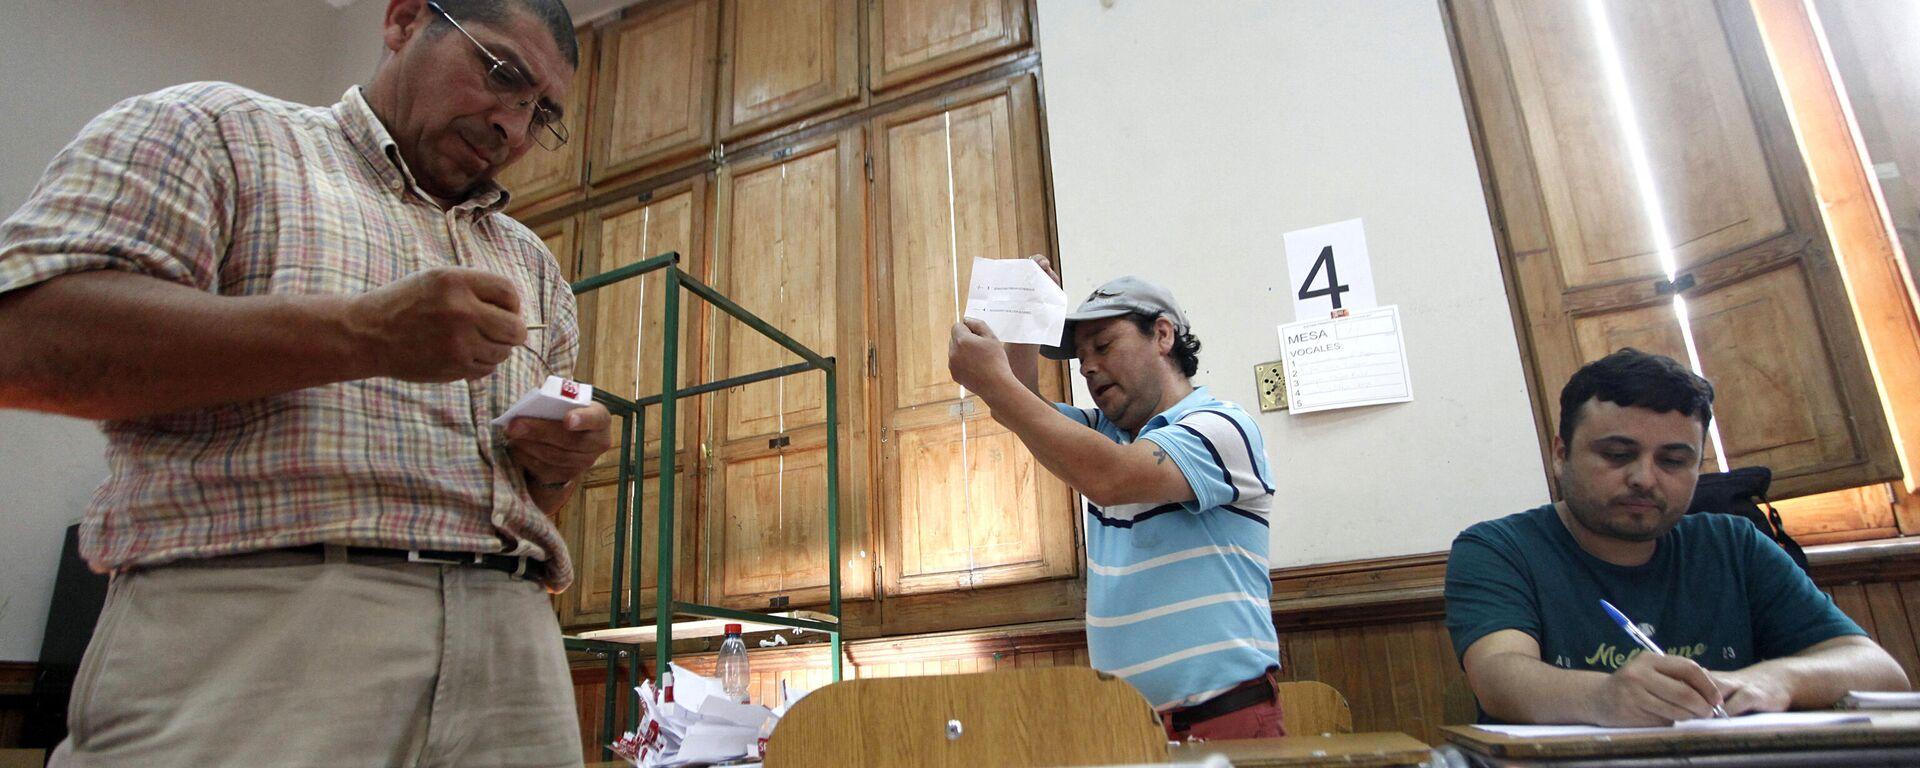 Elecciones presidenciales en Santiago, Chile - Sputnik Mundo, 1920, 20.09.2021